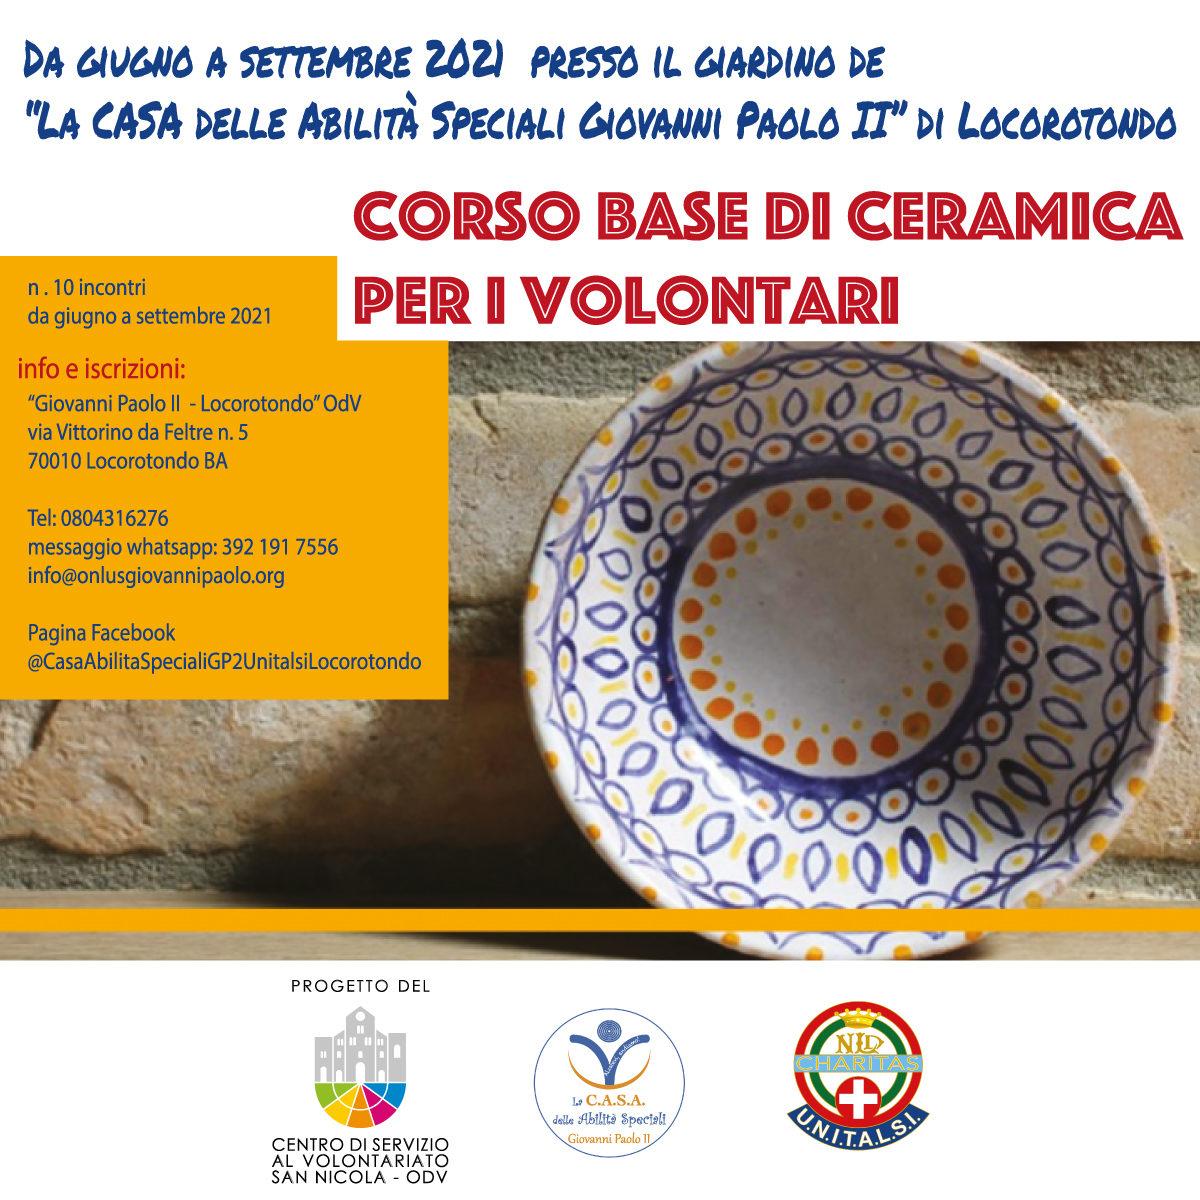 Banner-Formazione-indiretta-CSV-San-Nicola-Associazione-Giovanni-Paolo-II-Locorotondo-Corso-di-ceramica-per-volontari